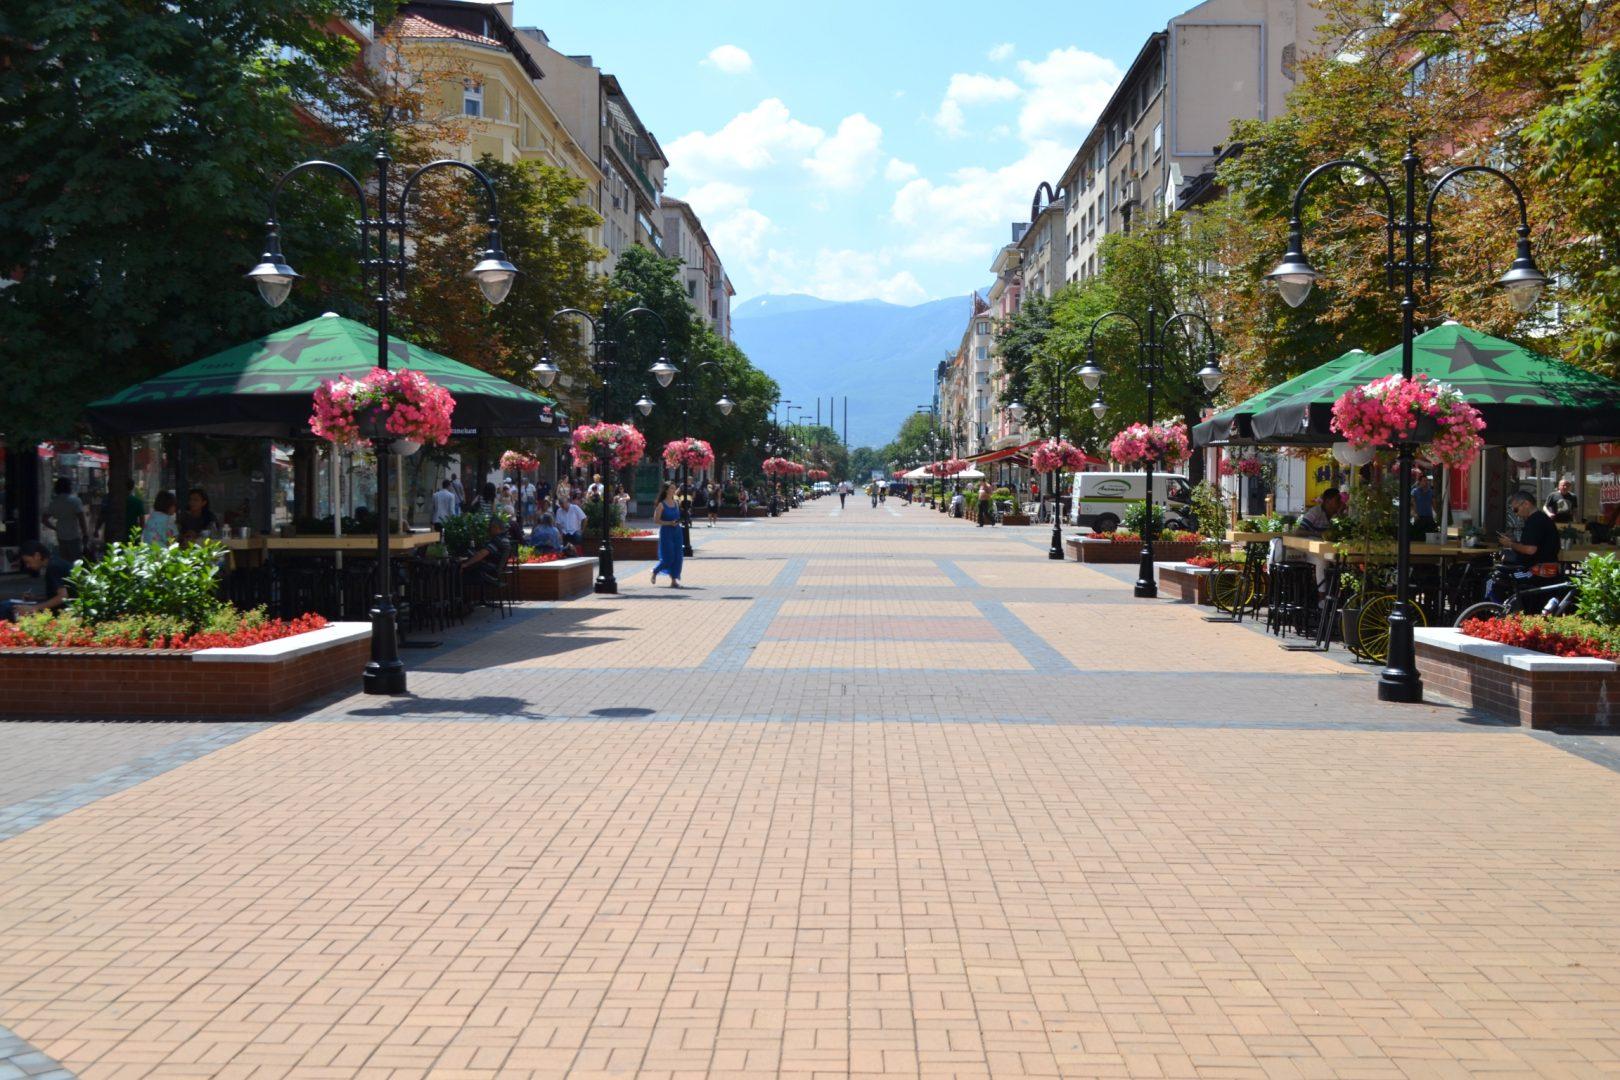 Vitosha boulevard - the main commercial street of Sofia